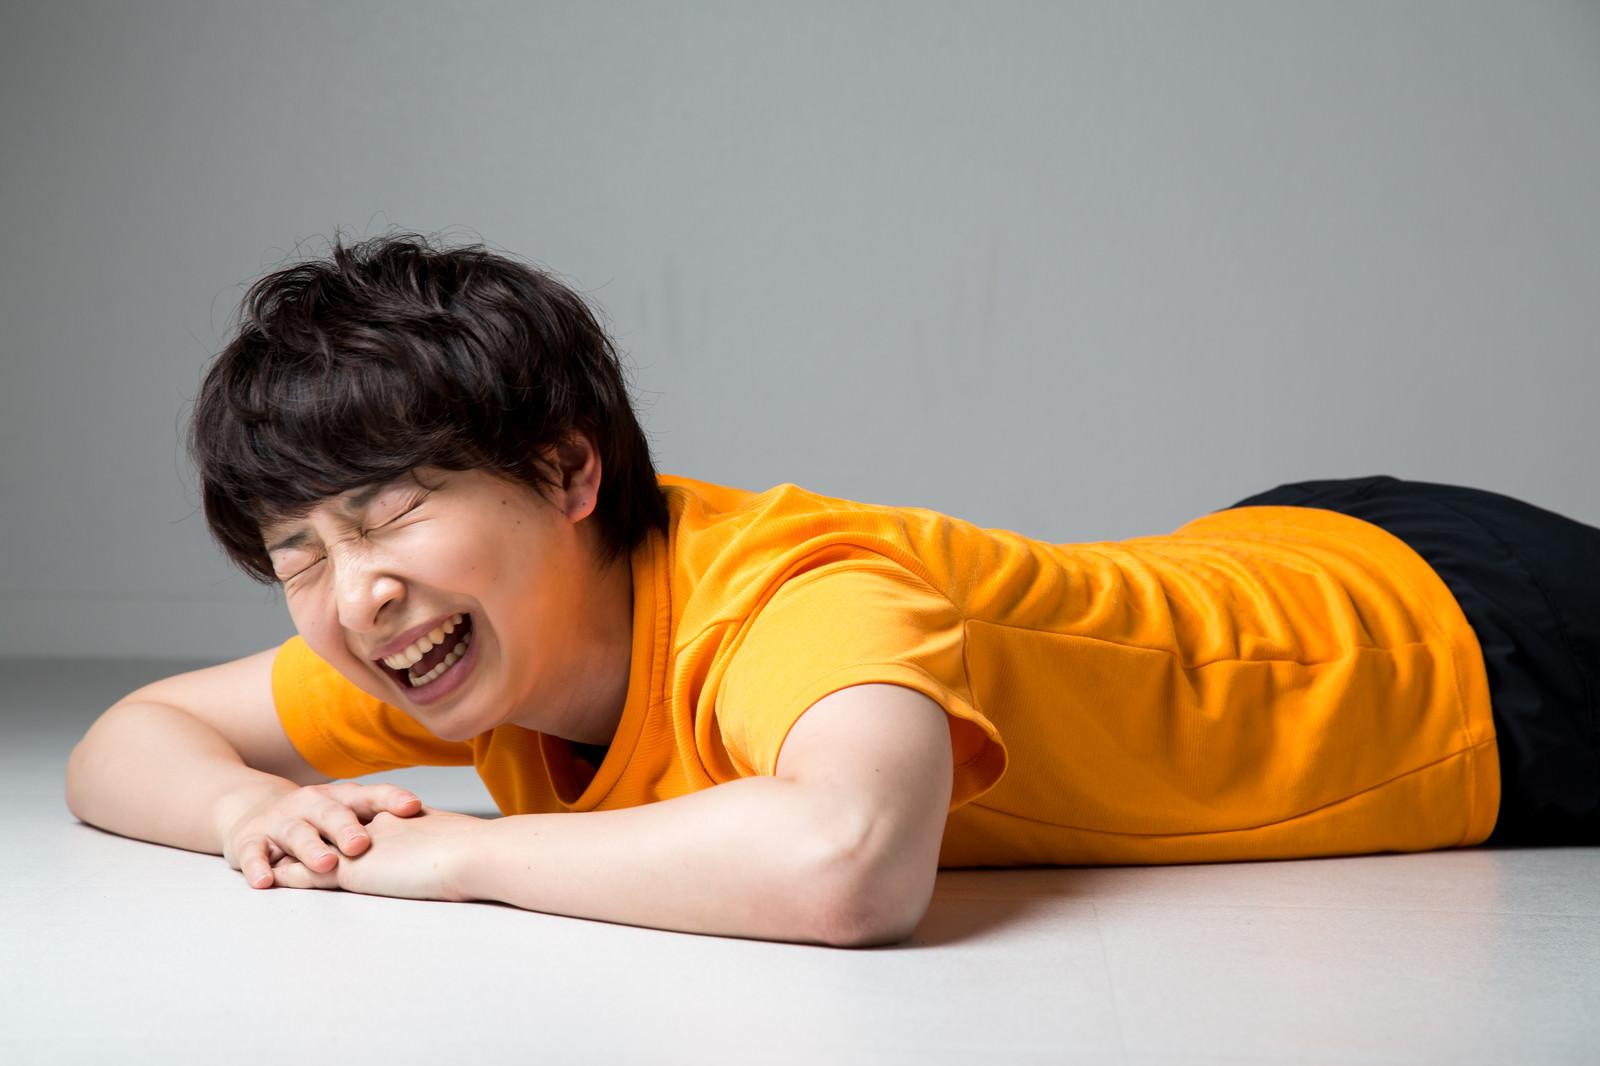 「トレーニングに疲れてヘトヘトな女性トレーニングに疲れてヘトヘトな女性」[モデル:八木彩香]のフリー写真素材を拡大